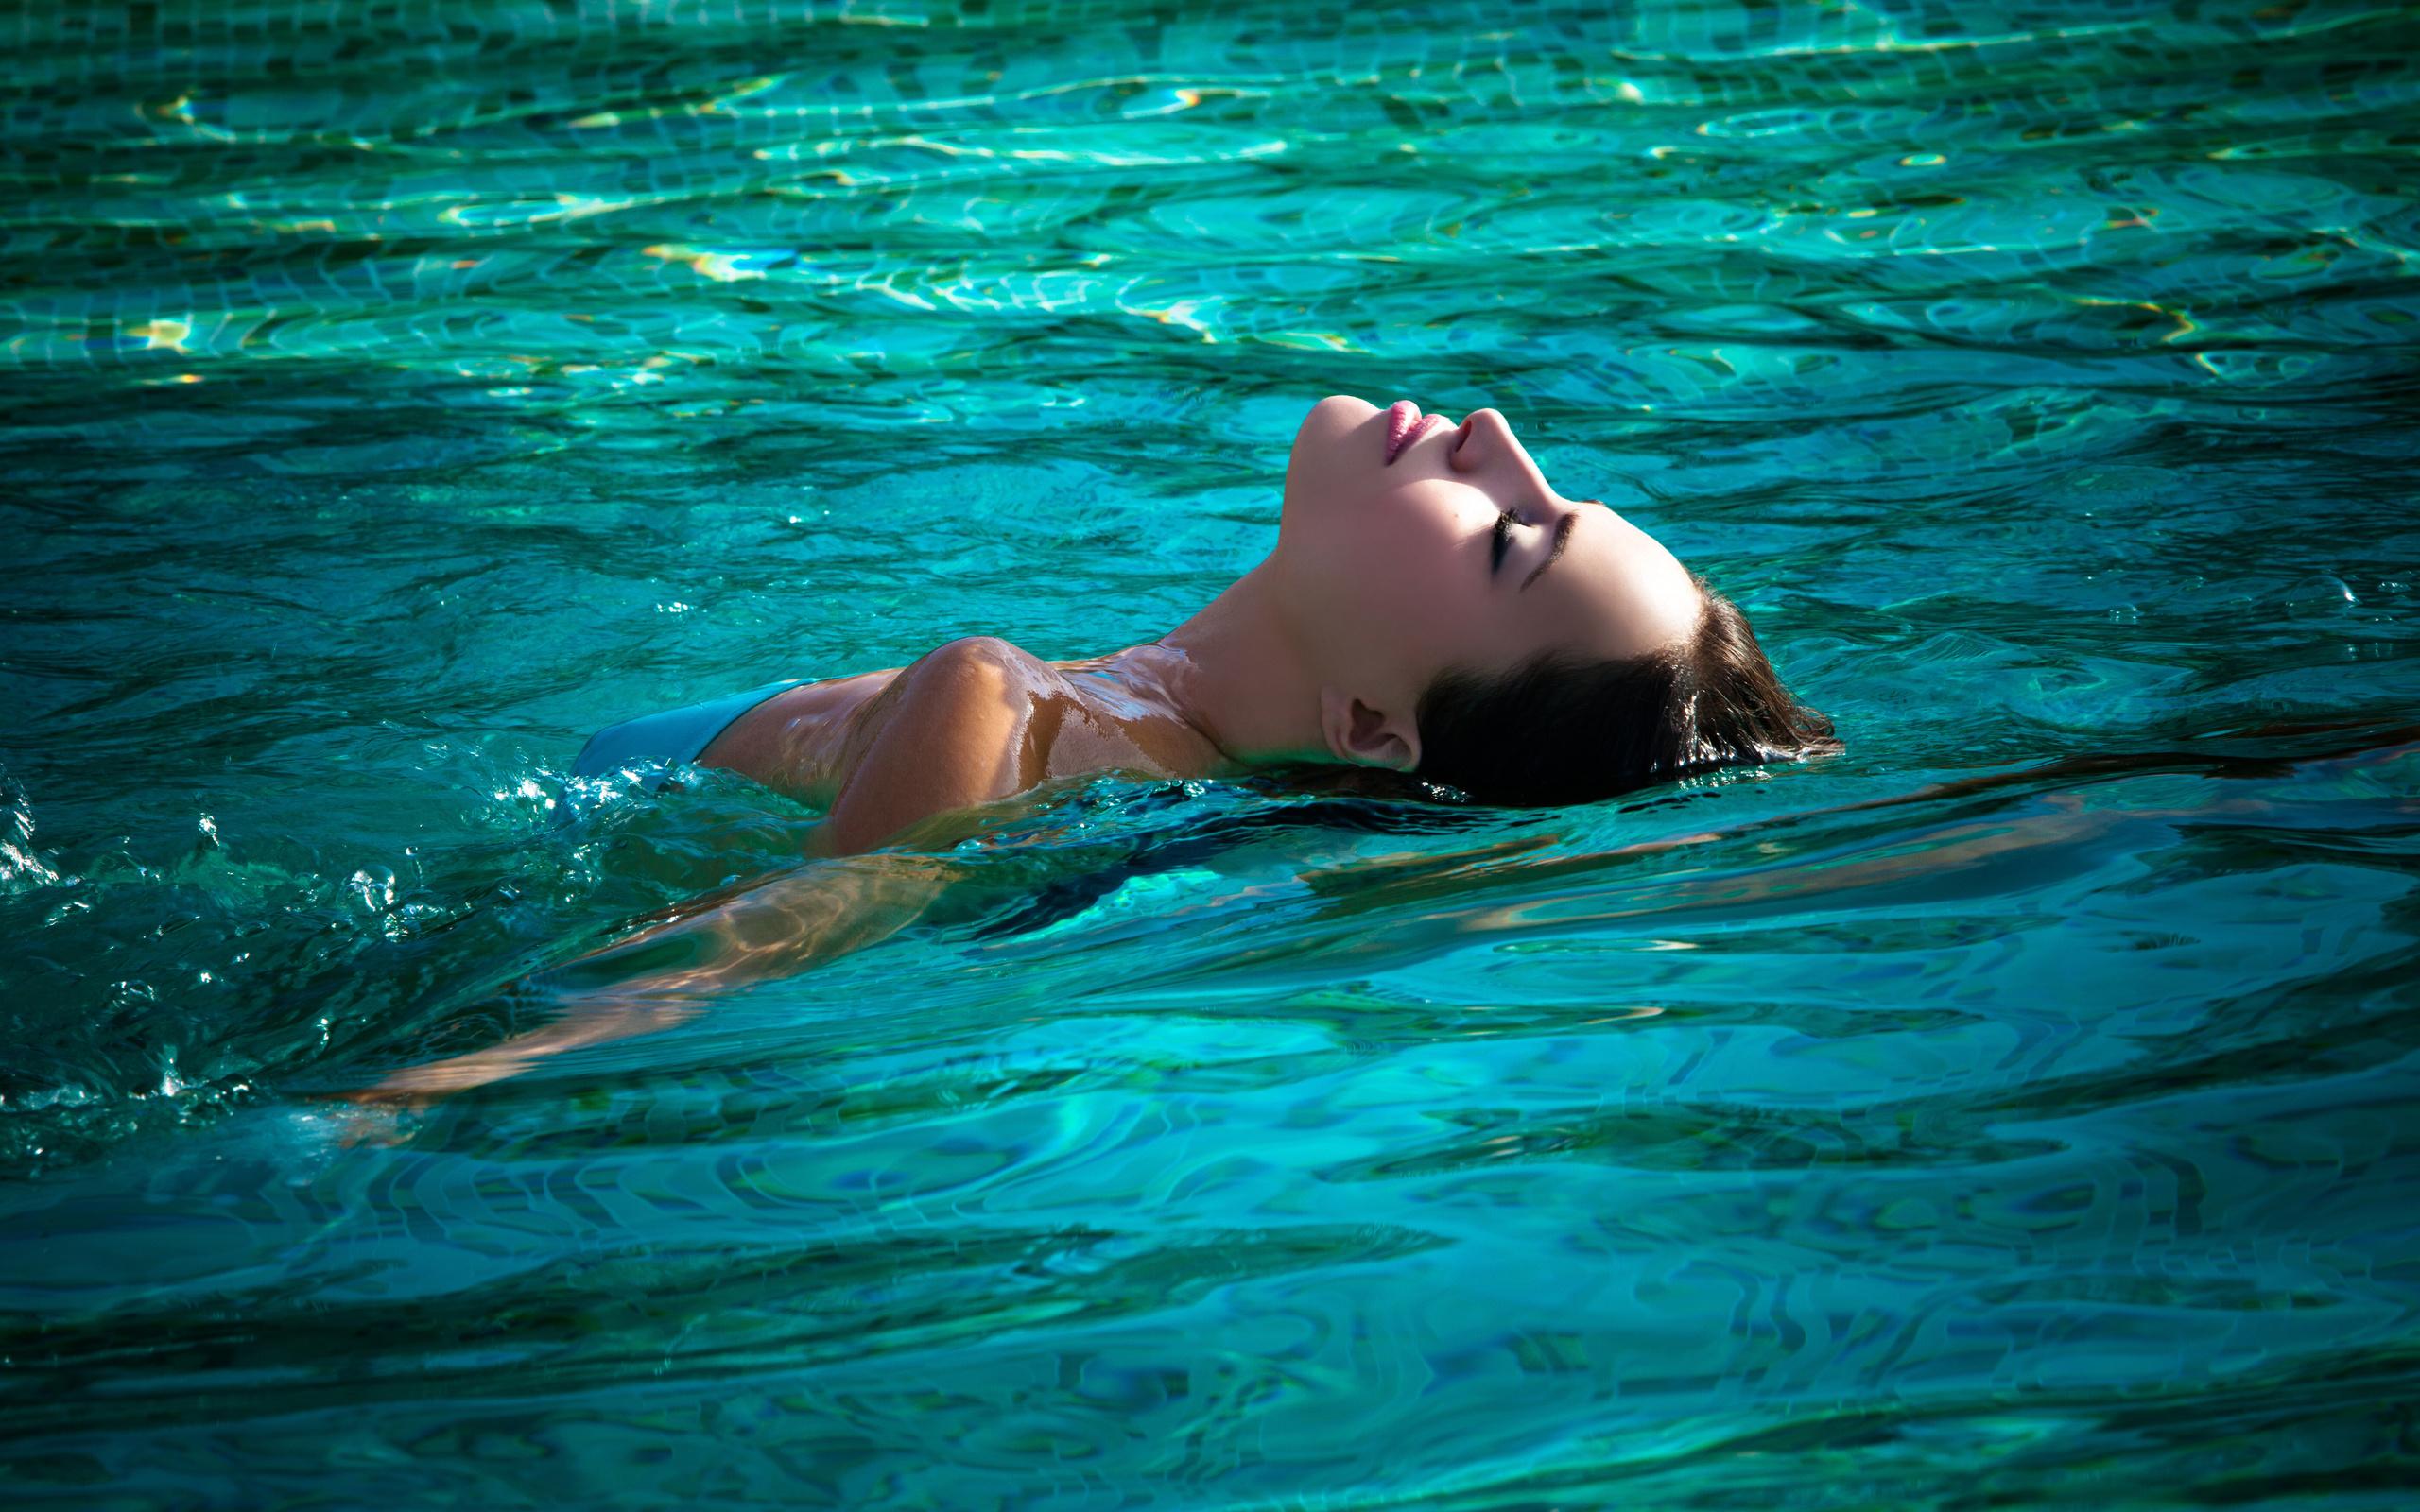 доказано, что красивая девушка плавает в бассейне делает чудеса божья